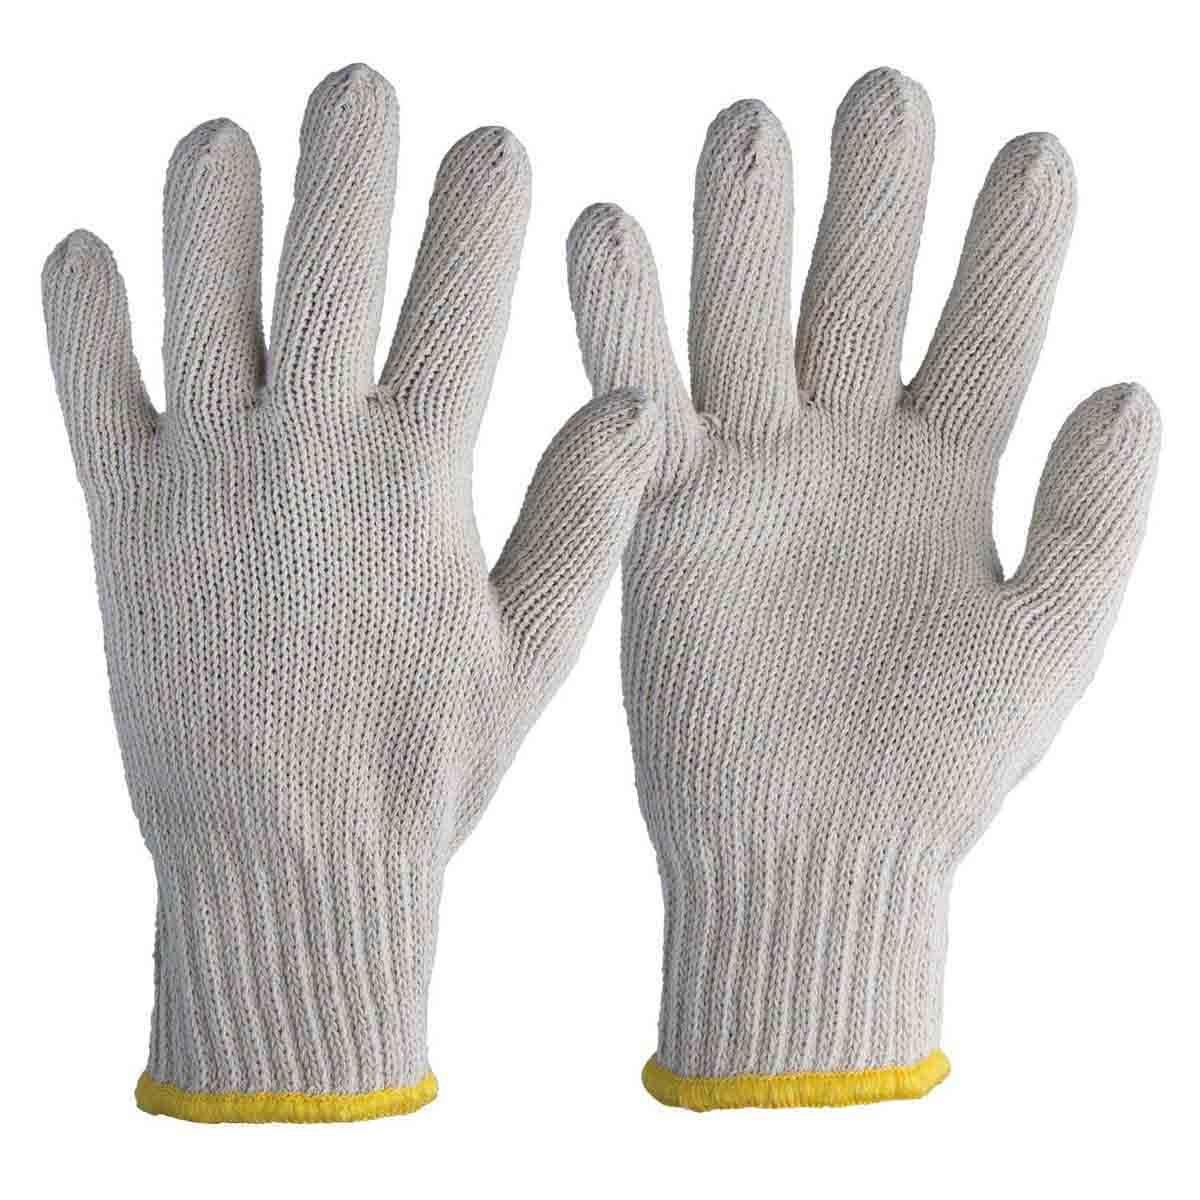 Luva Tricotada de Malha Branca 3 Fios Tamanho 9 (G) Worker